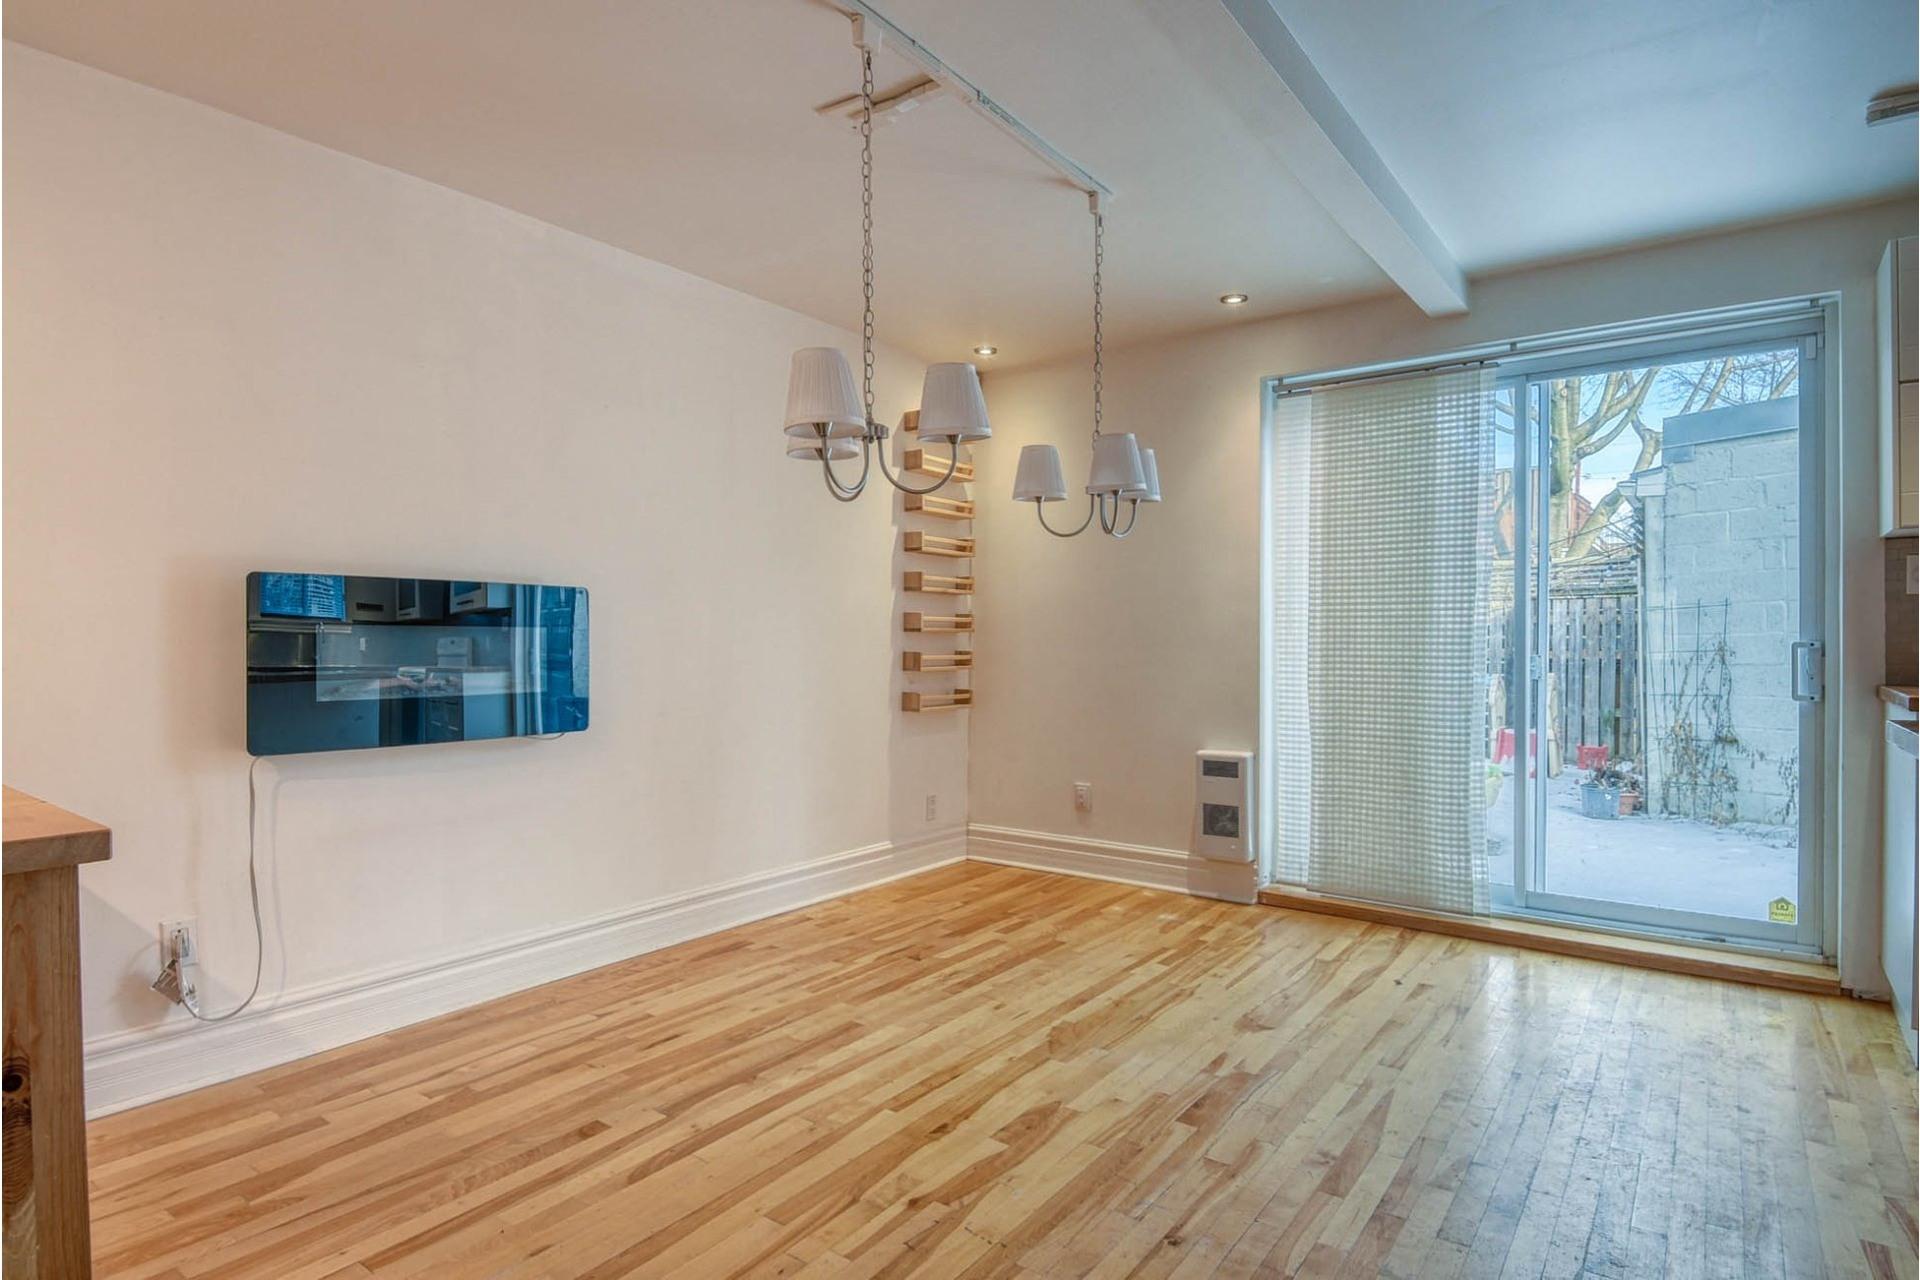 image 9 - Duplex For sale Le Sud-Ouest Montréal  - 5 rooms